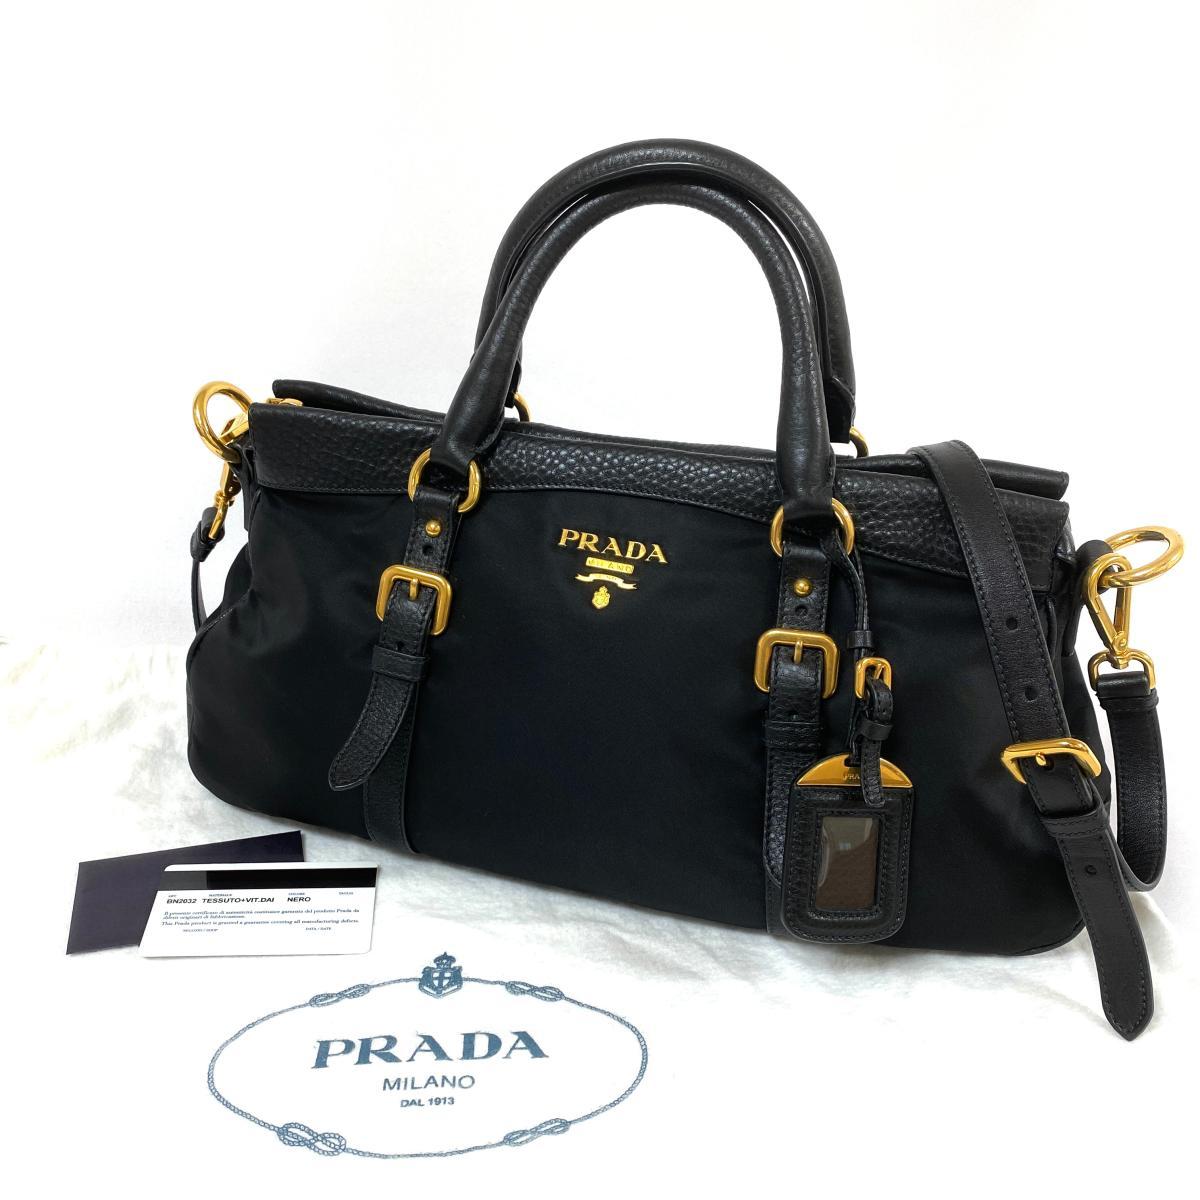 スーパーSALE セール期間限定 良好 PRADA プラダ BN2032 2WAYバッグ black 2020新作 黒 ブラック レディース MU1005 ナイロン×レザー 中古 ハンドバッグ 鞄 ショルダー